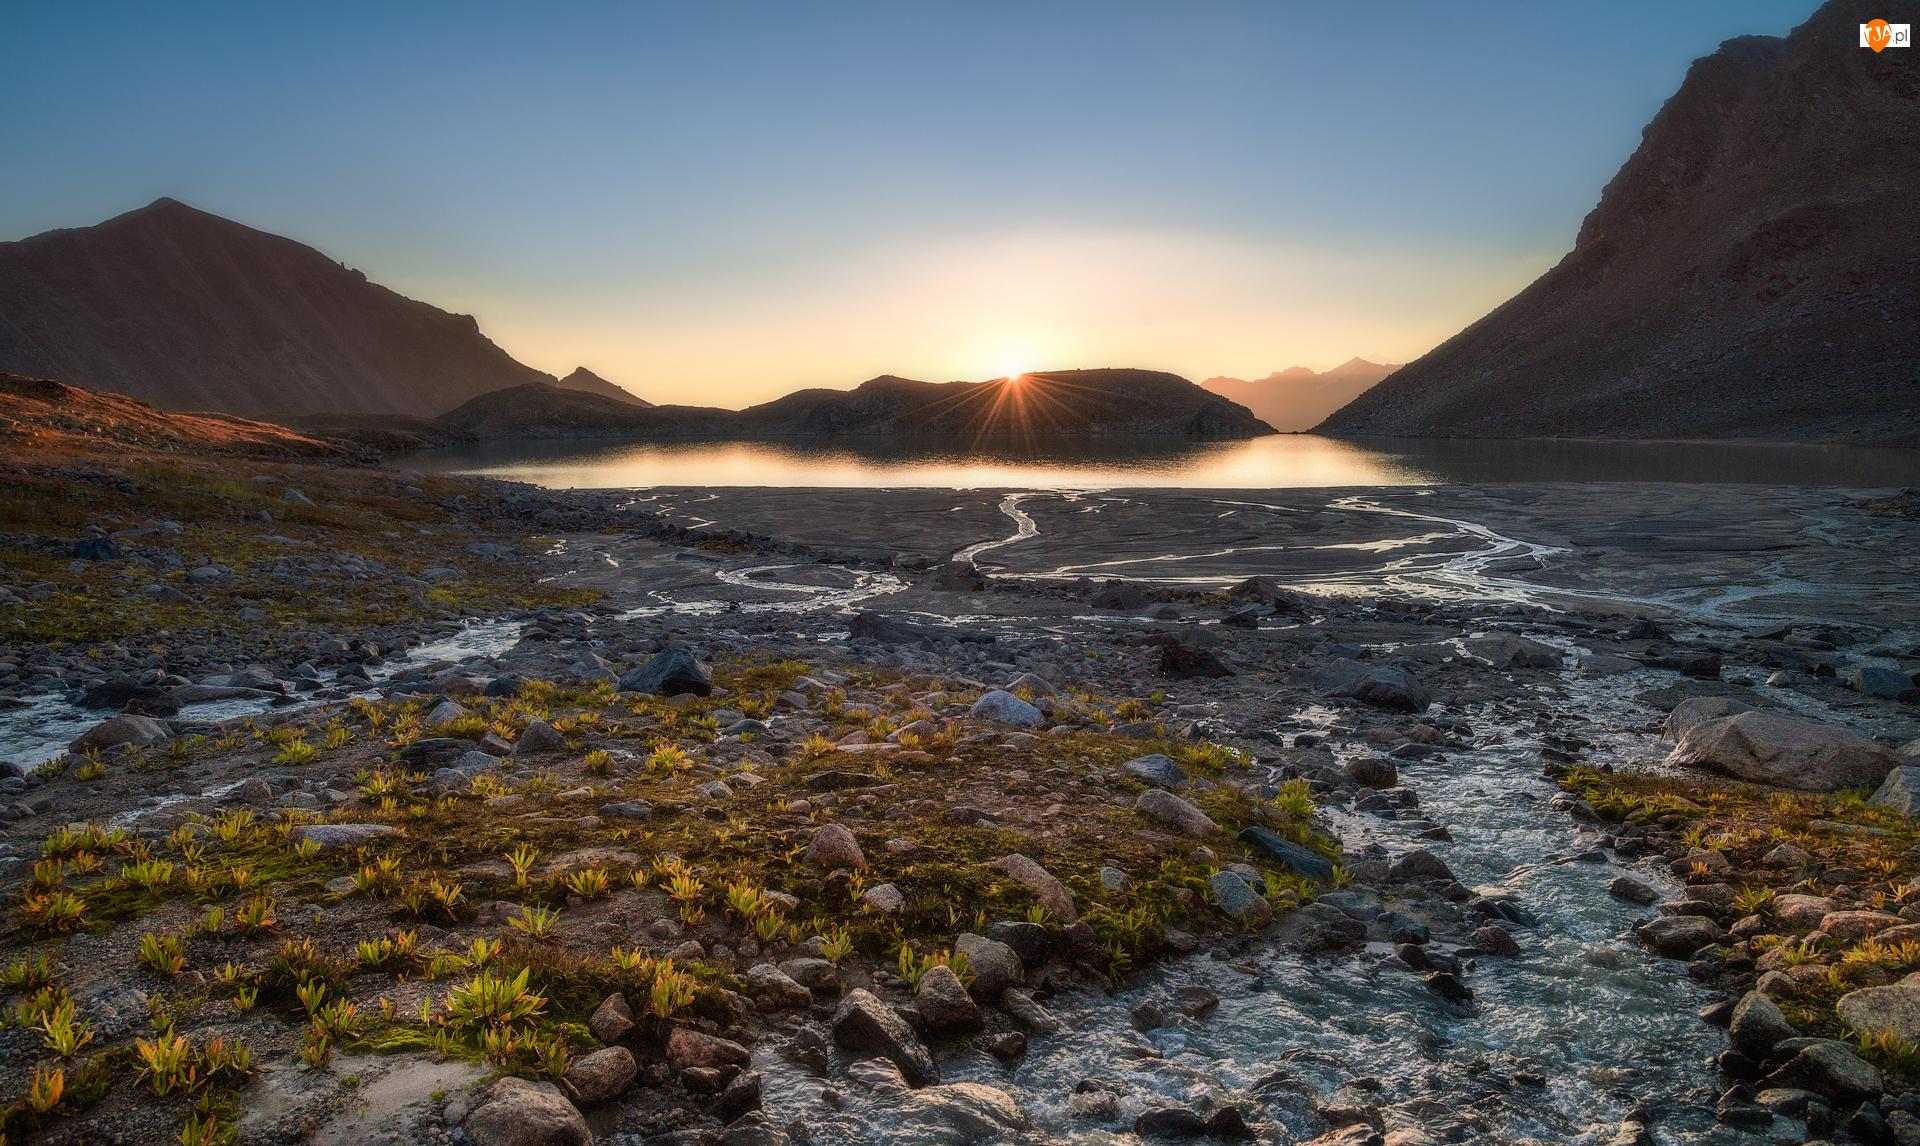 Jezioro Syltrankel, Promienie słońca, Rosja, Góry, Kabardo-Bałkaria, Region Elbrus, Kamienie